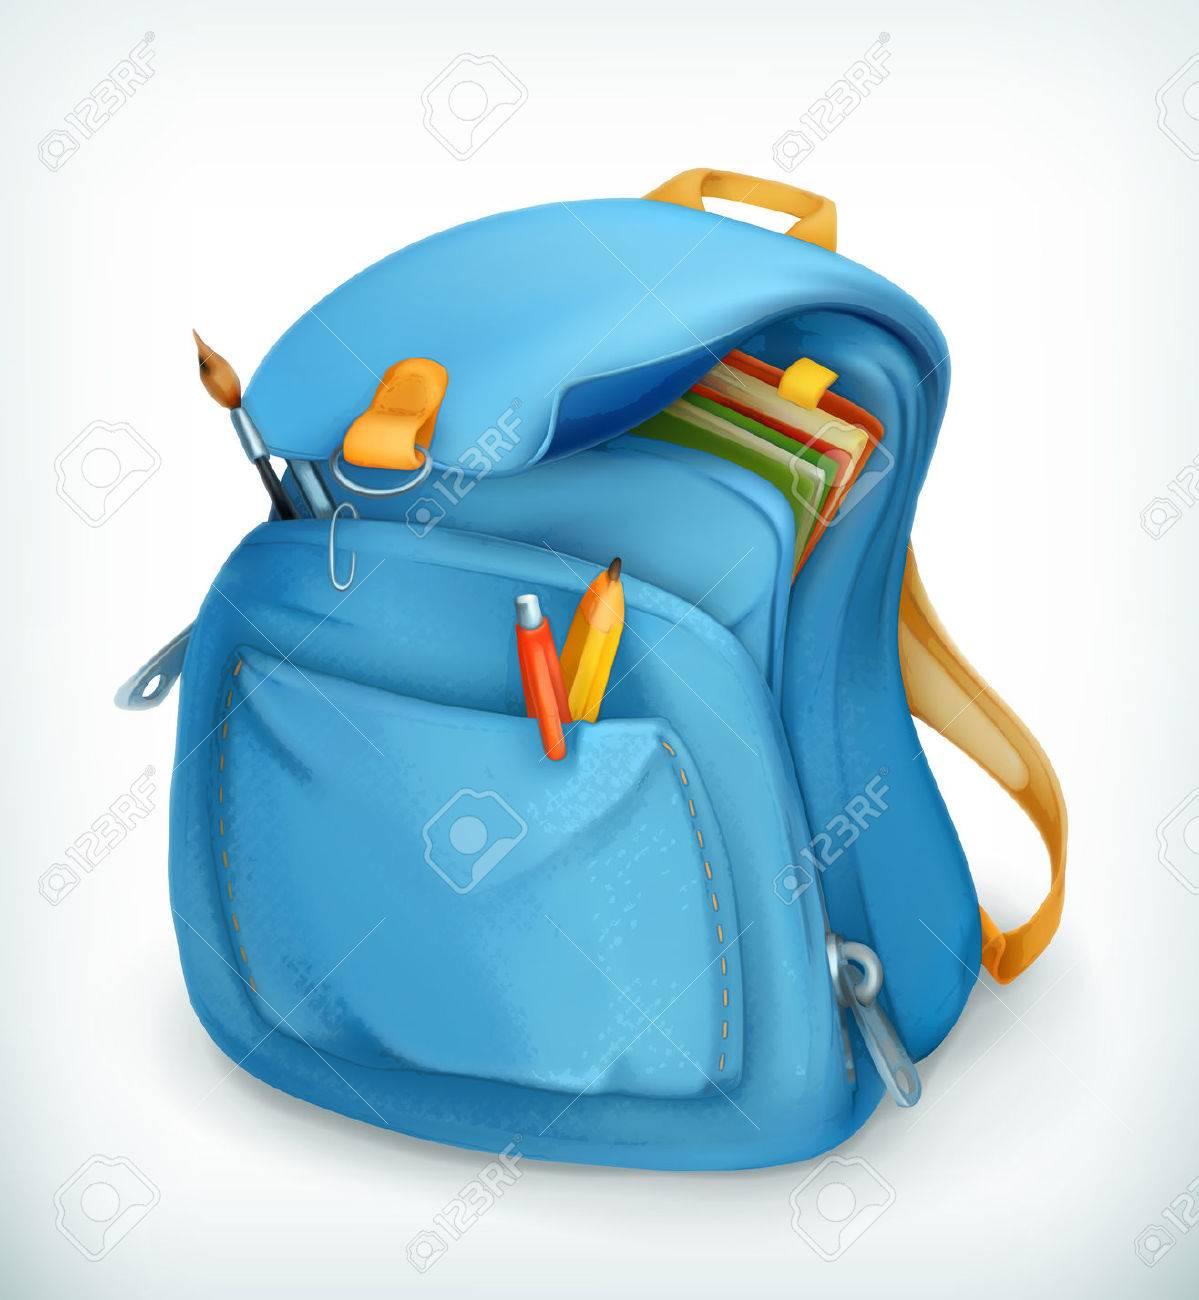 Blue school bag, vector icon - 43459985